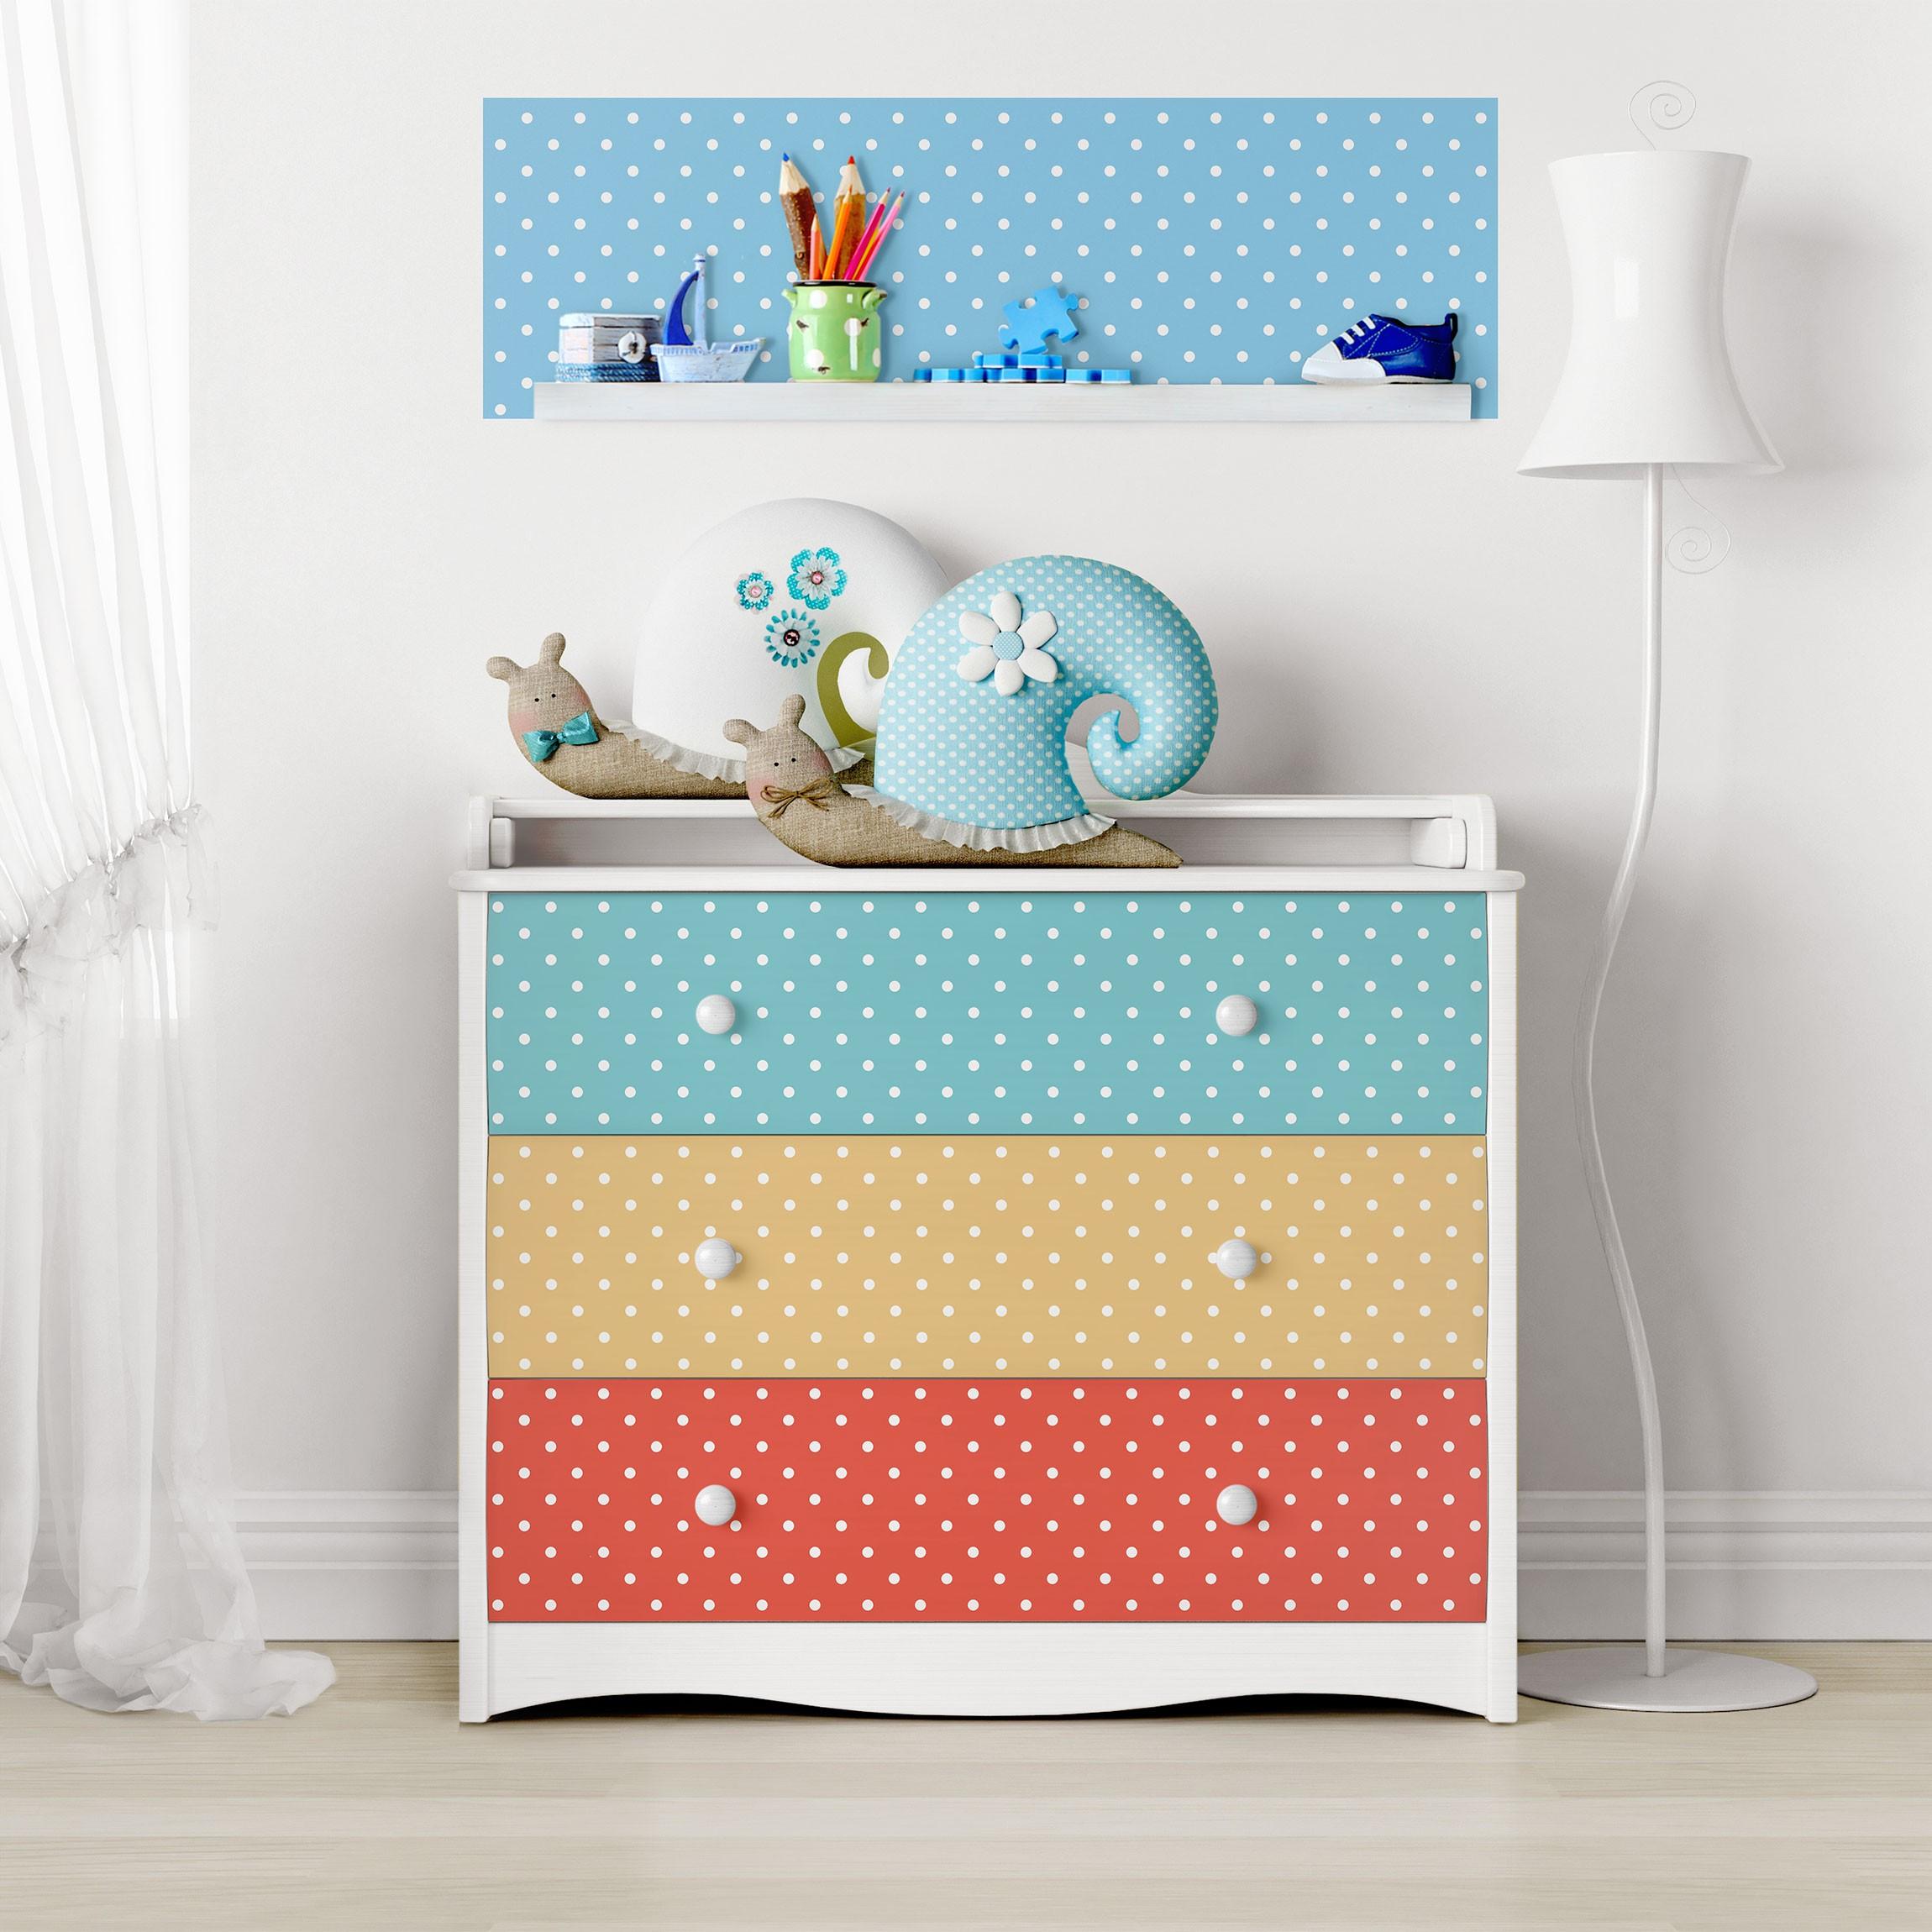 Mobelfolie Punkte Set Kinderzimmer Weiss Gepunktete Pastell Farben Turkis Blau Gelb Rot